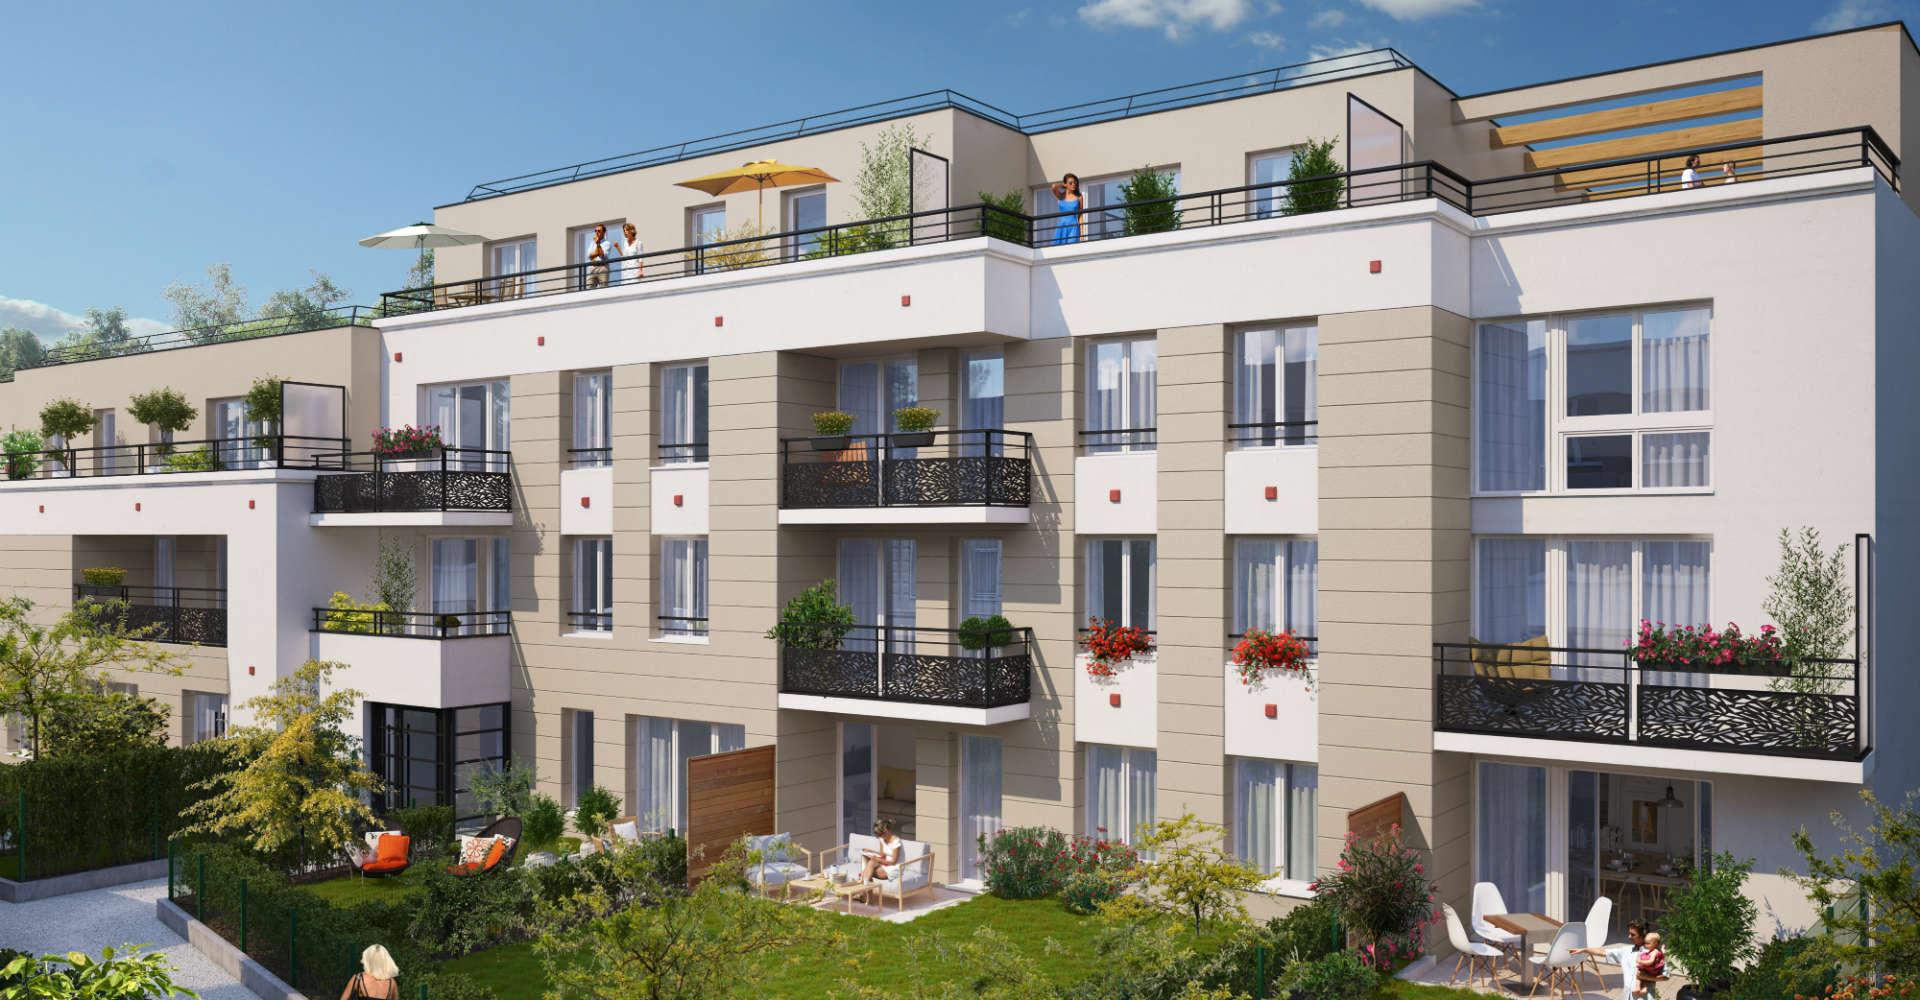 Projet immobilier s te l int r t d un achat immobilier for Appartement acheter